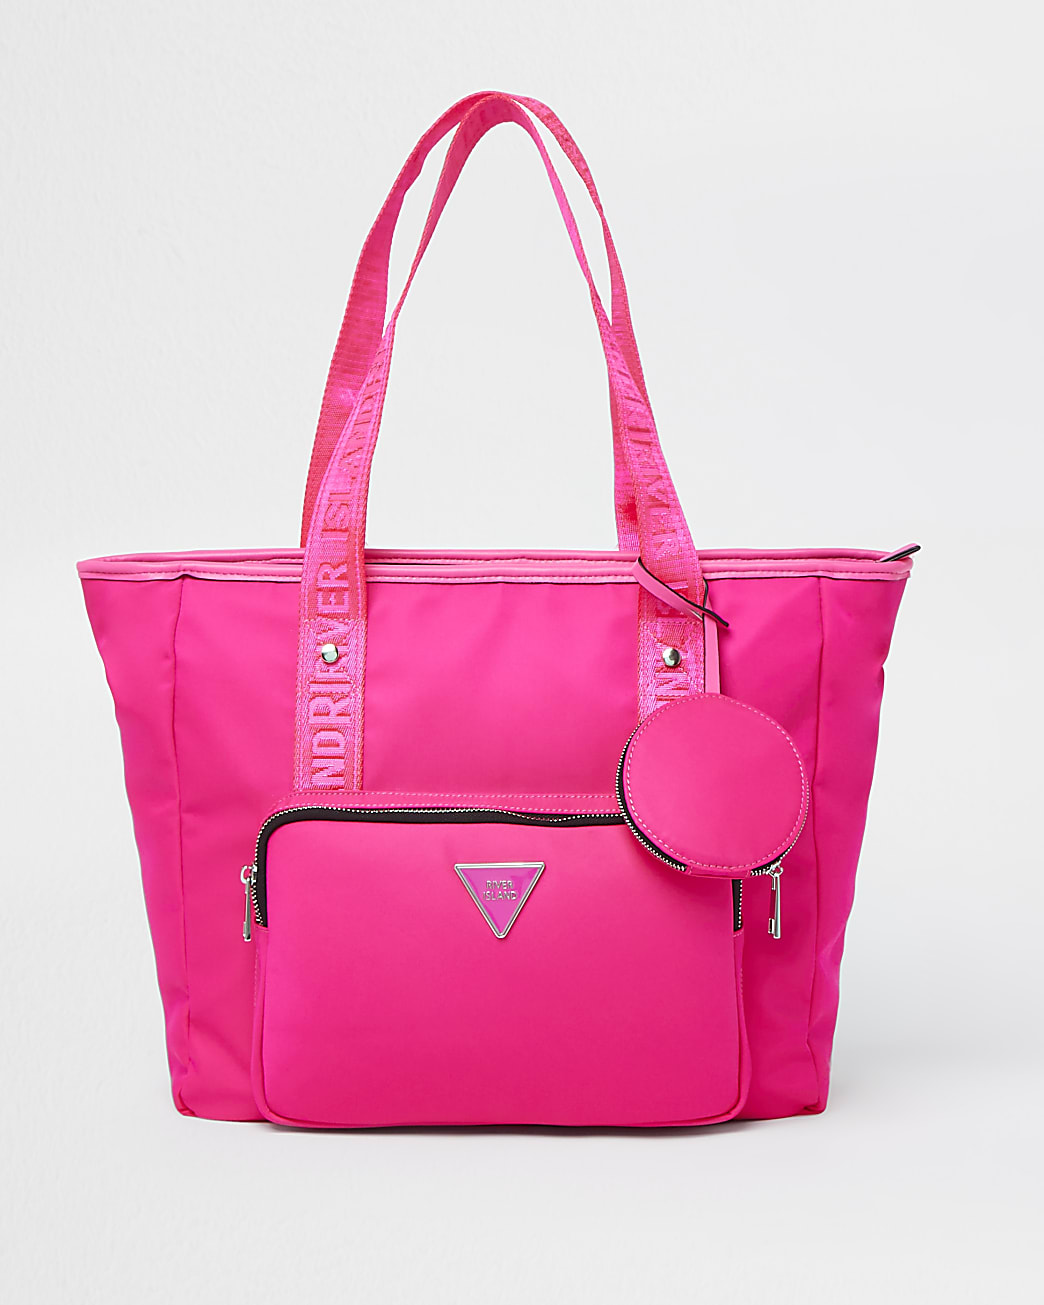 Pink RI nylon shopper bag with mini pouch